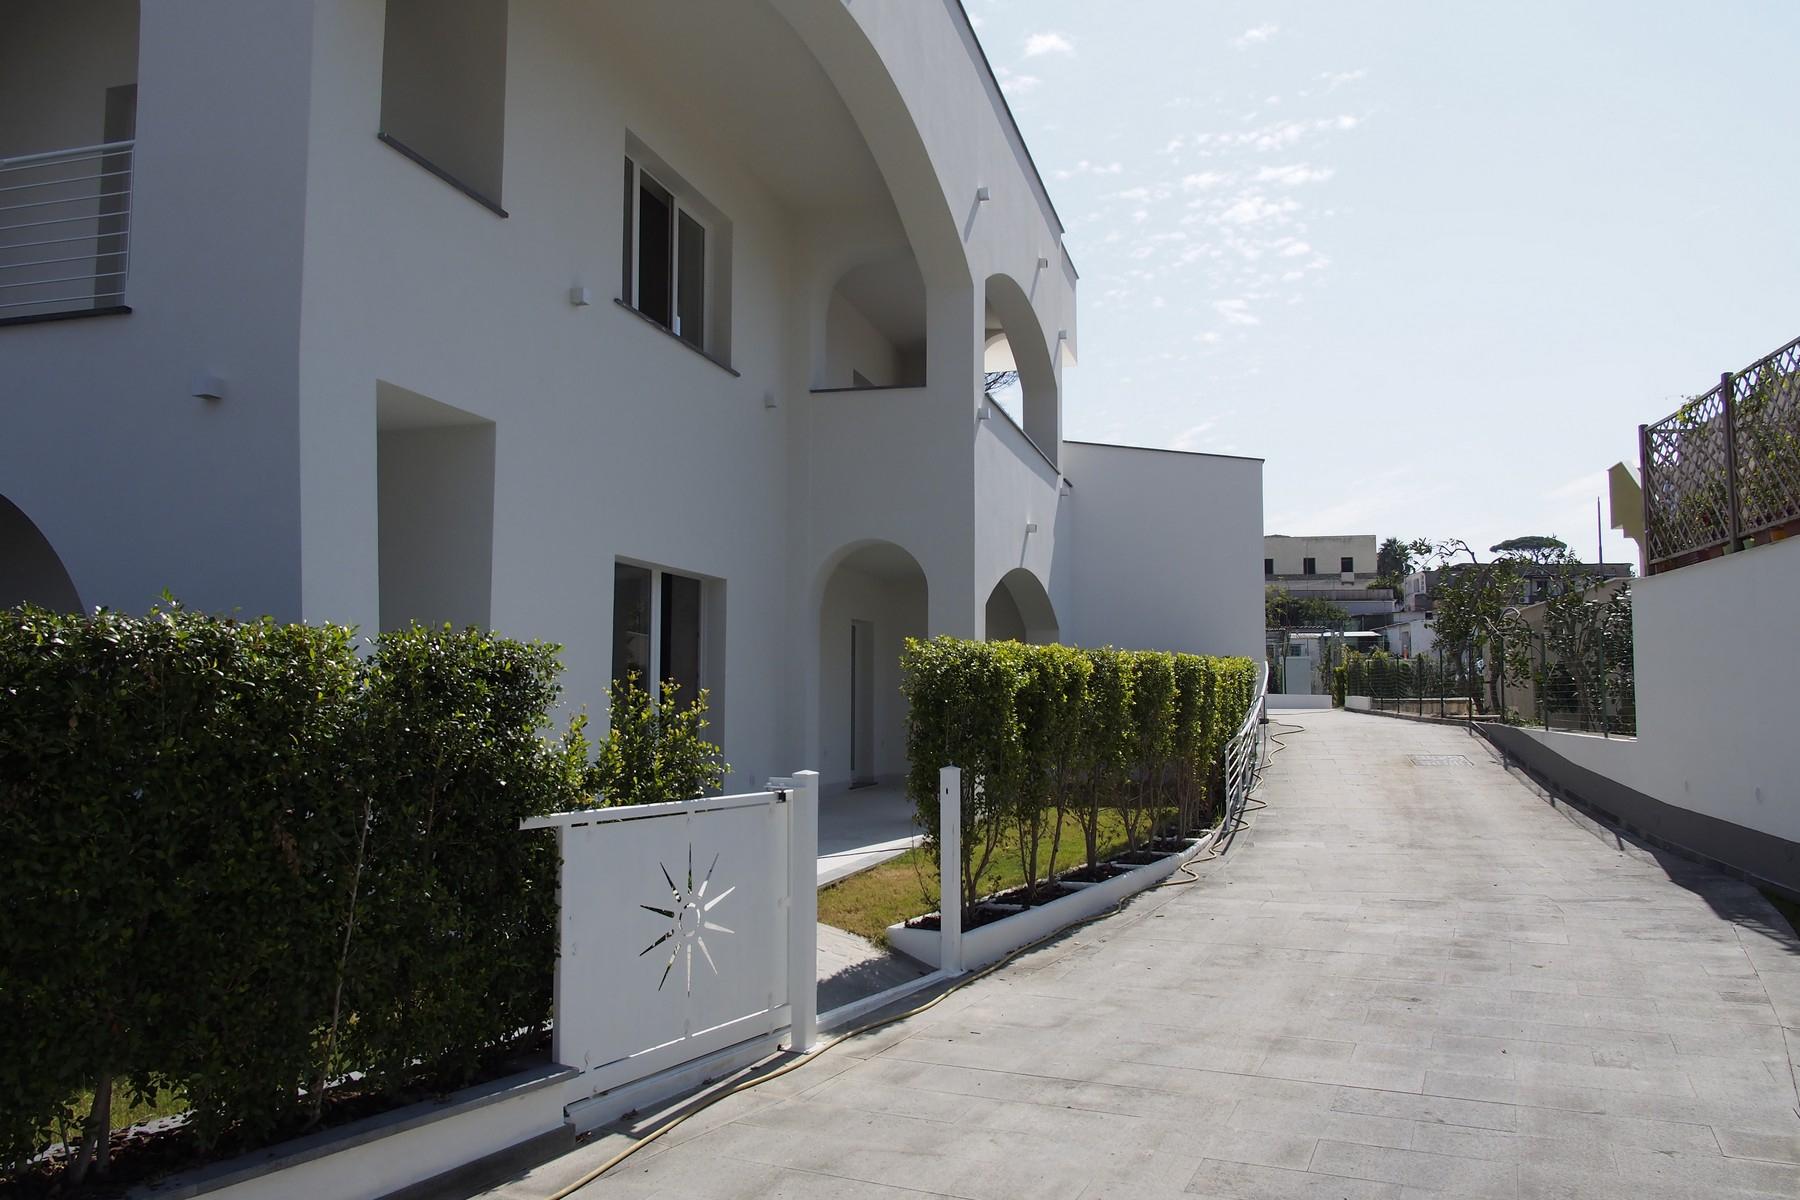 Appartamento in Vendita a Procida: 3 locali, 80 mq - Foto 11